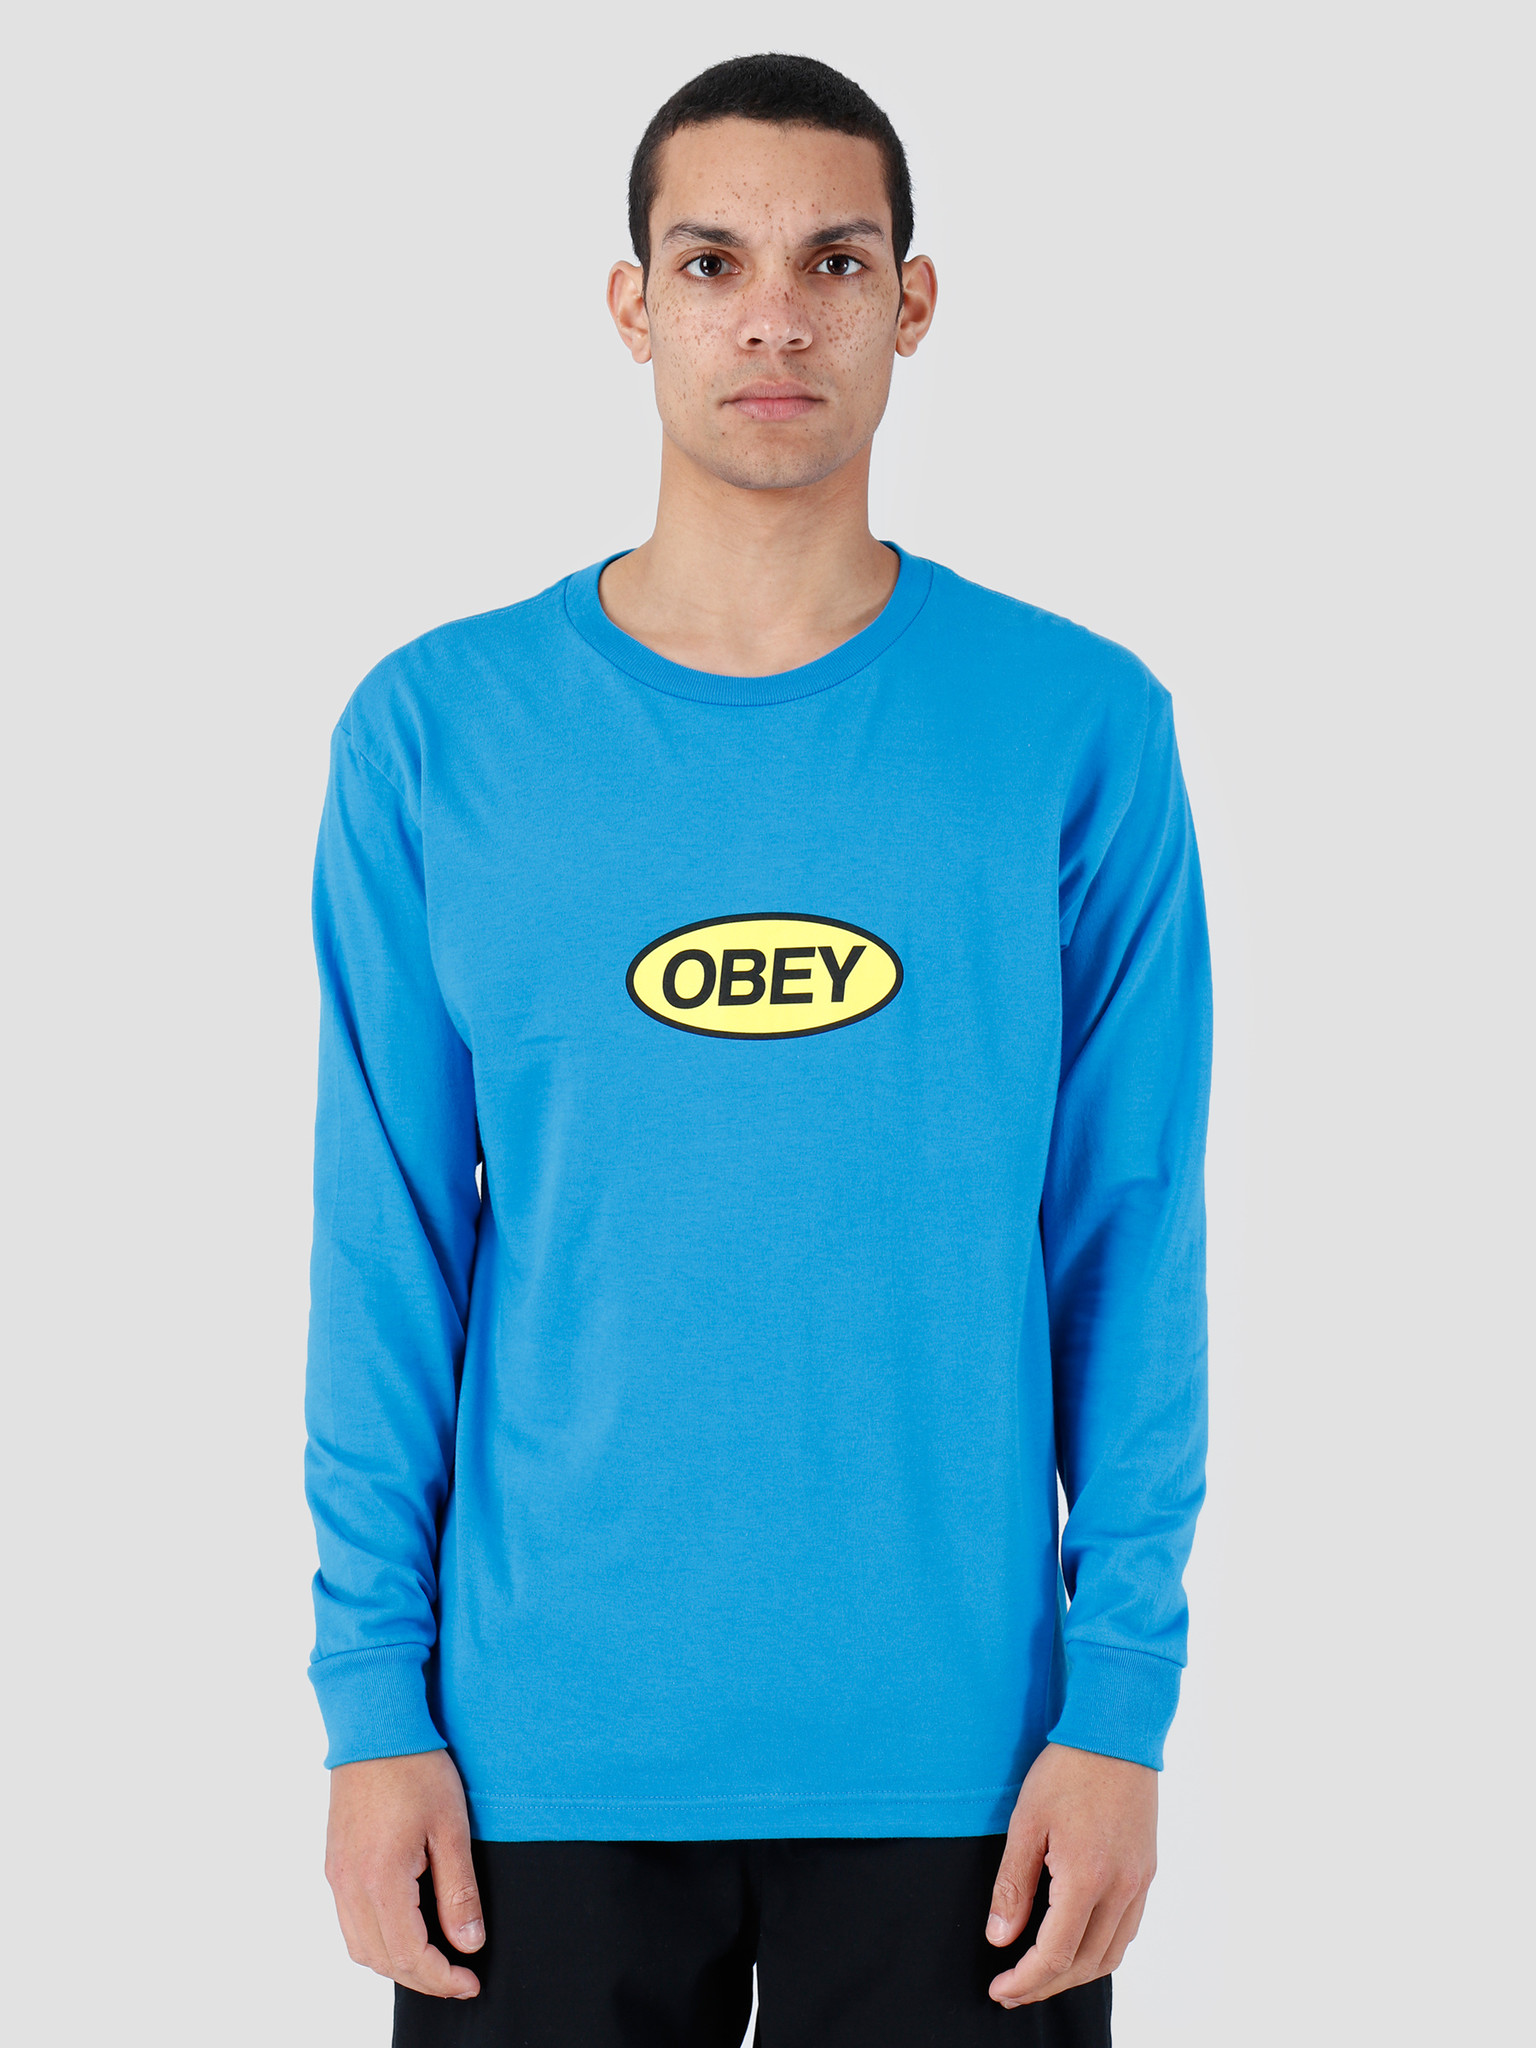 Obey Obey Stacked Longsleeve Sky Azure 164901964-SKY